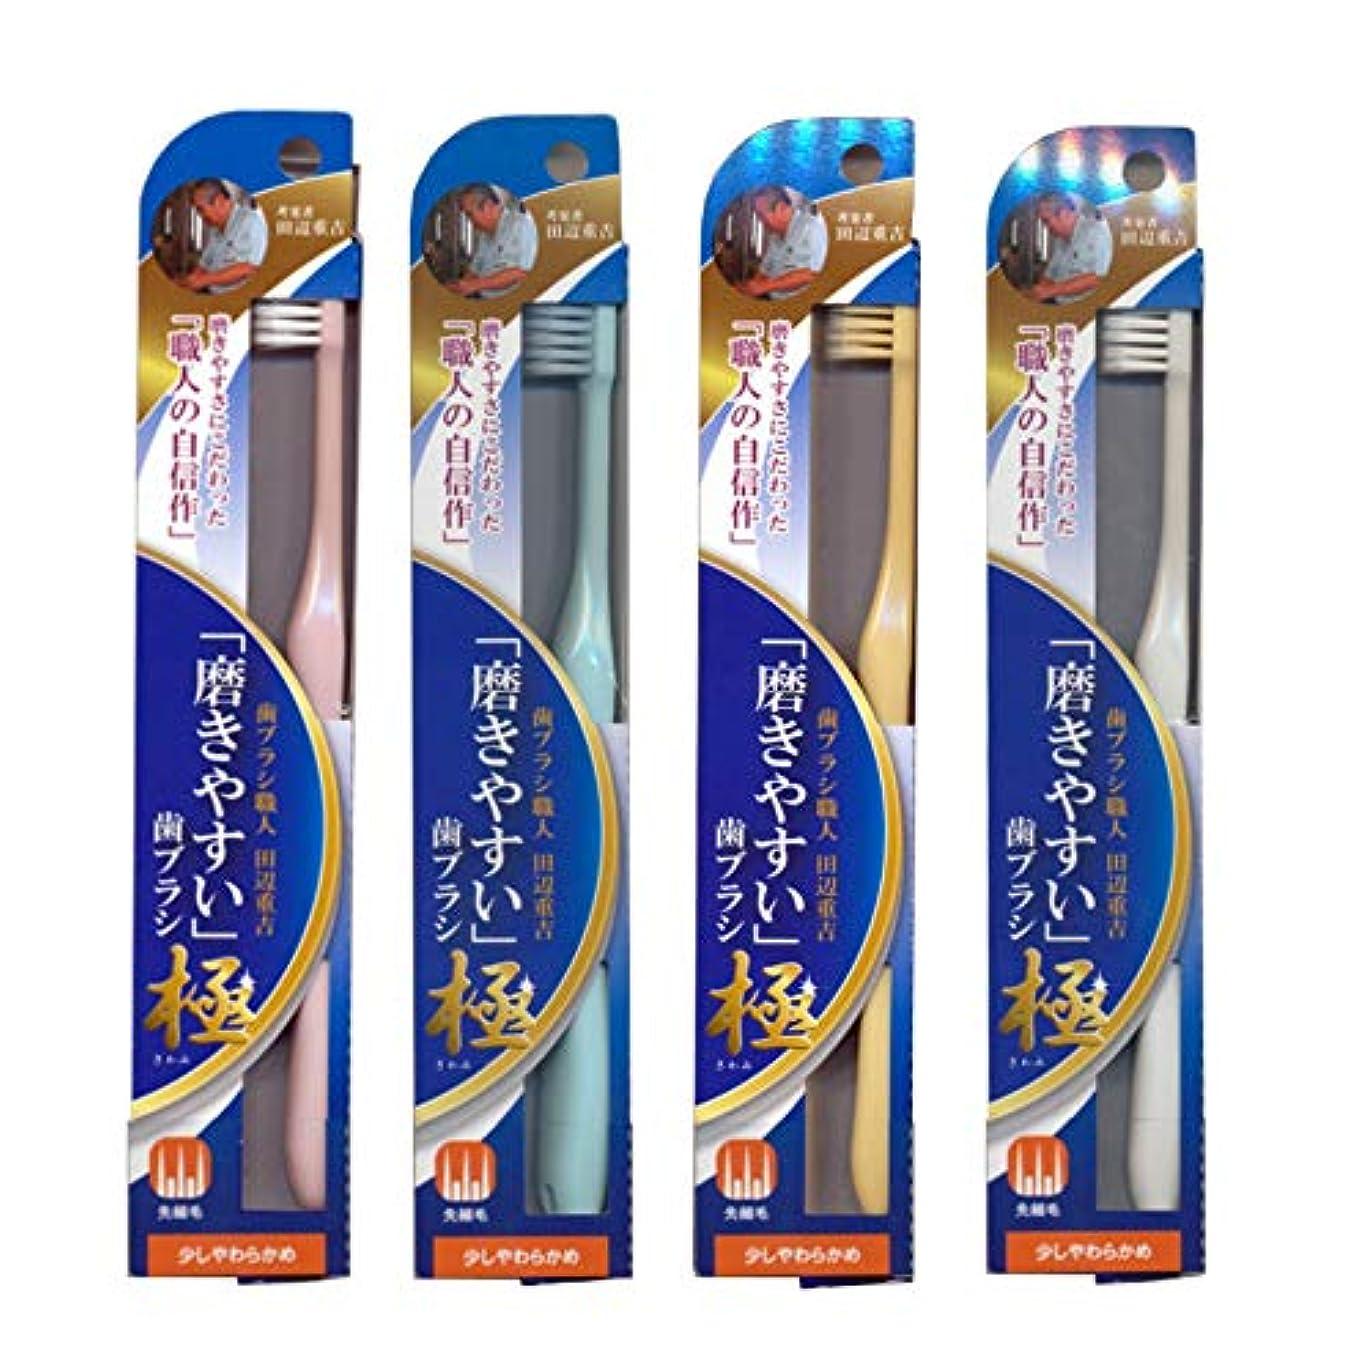 パトロンレンダー部磨きやすい歯ブラシ極 (少し柔らかめ) LT-43×4本セット(ピンク×1、ブルー×1、ホワイト×1、イエロー×1) 先細毛